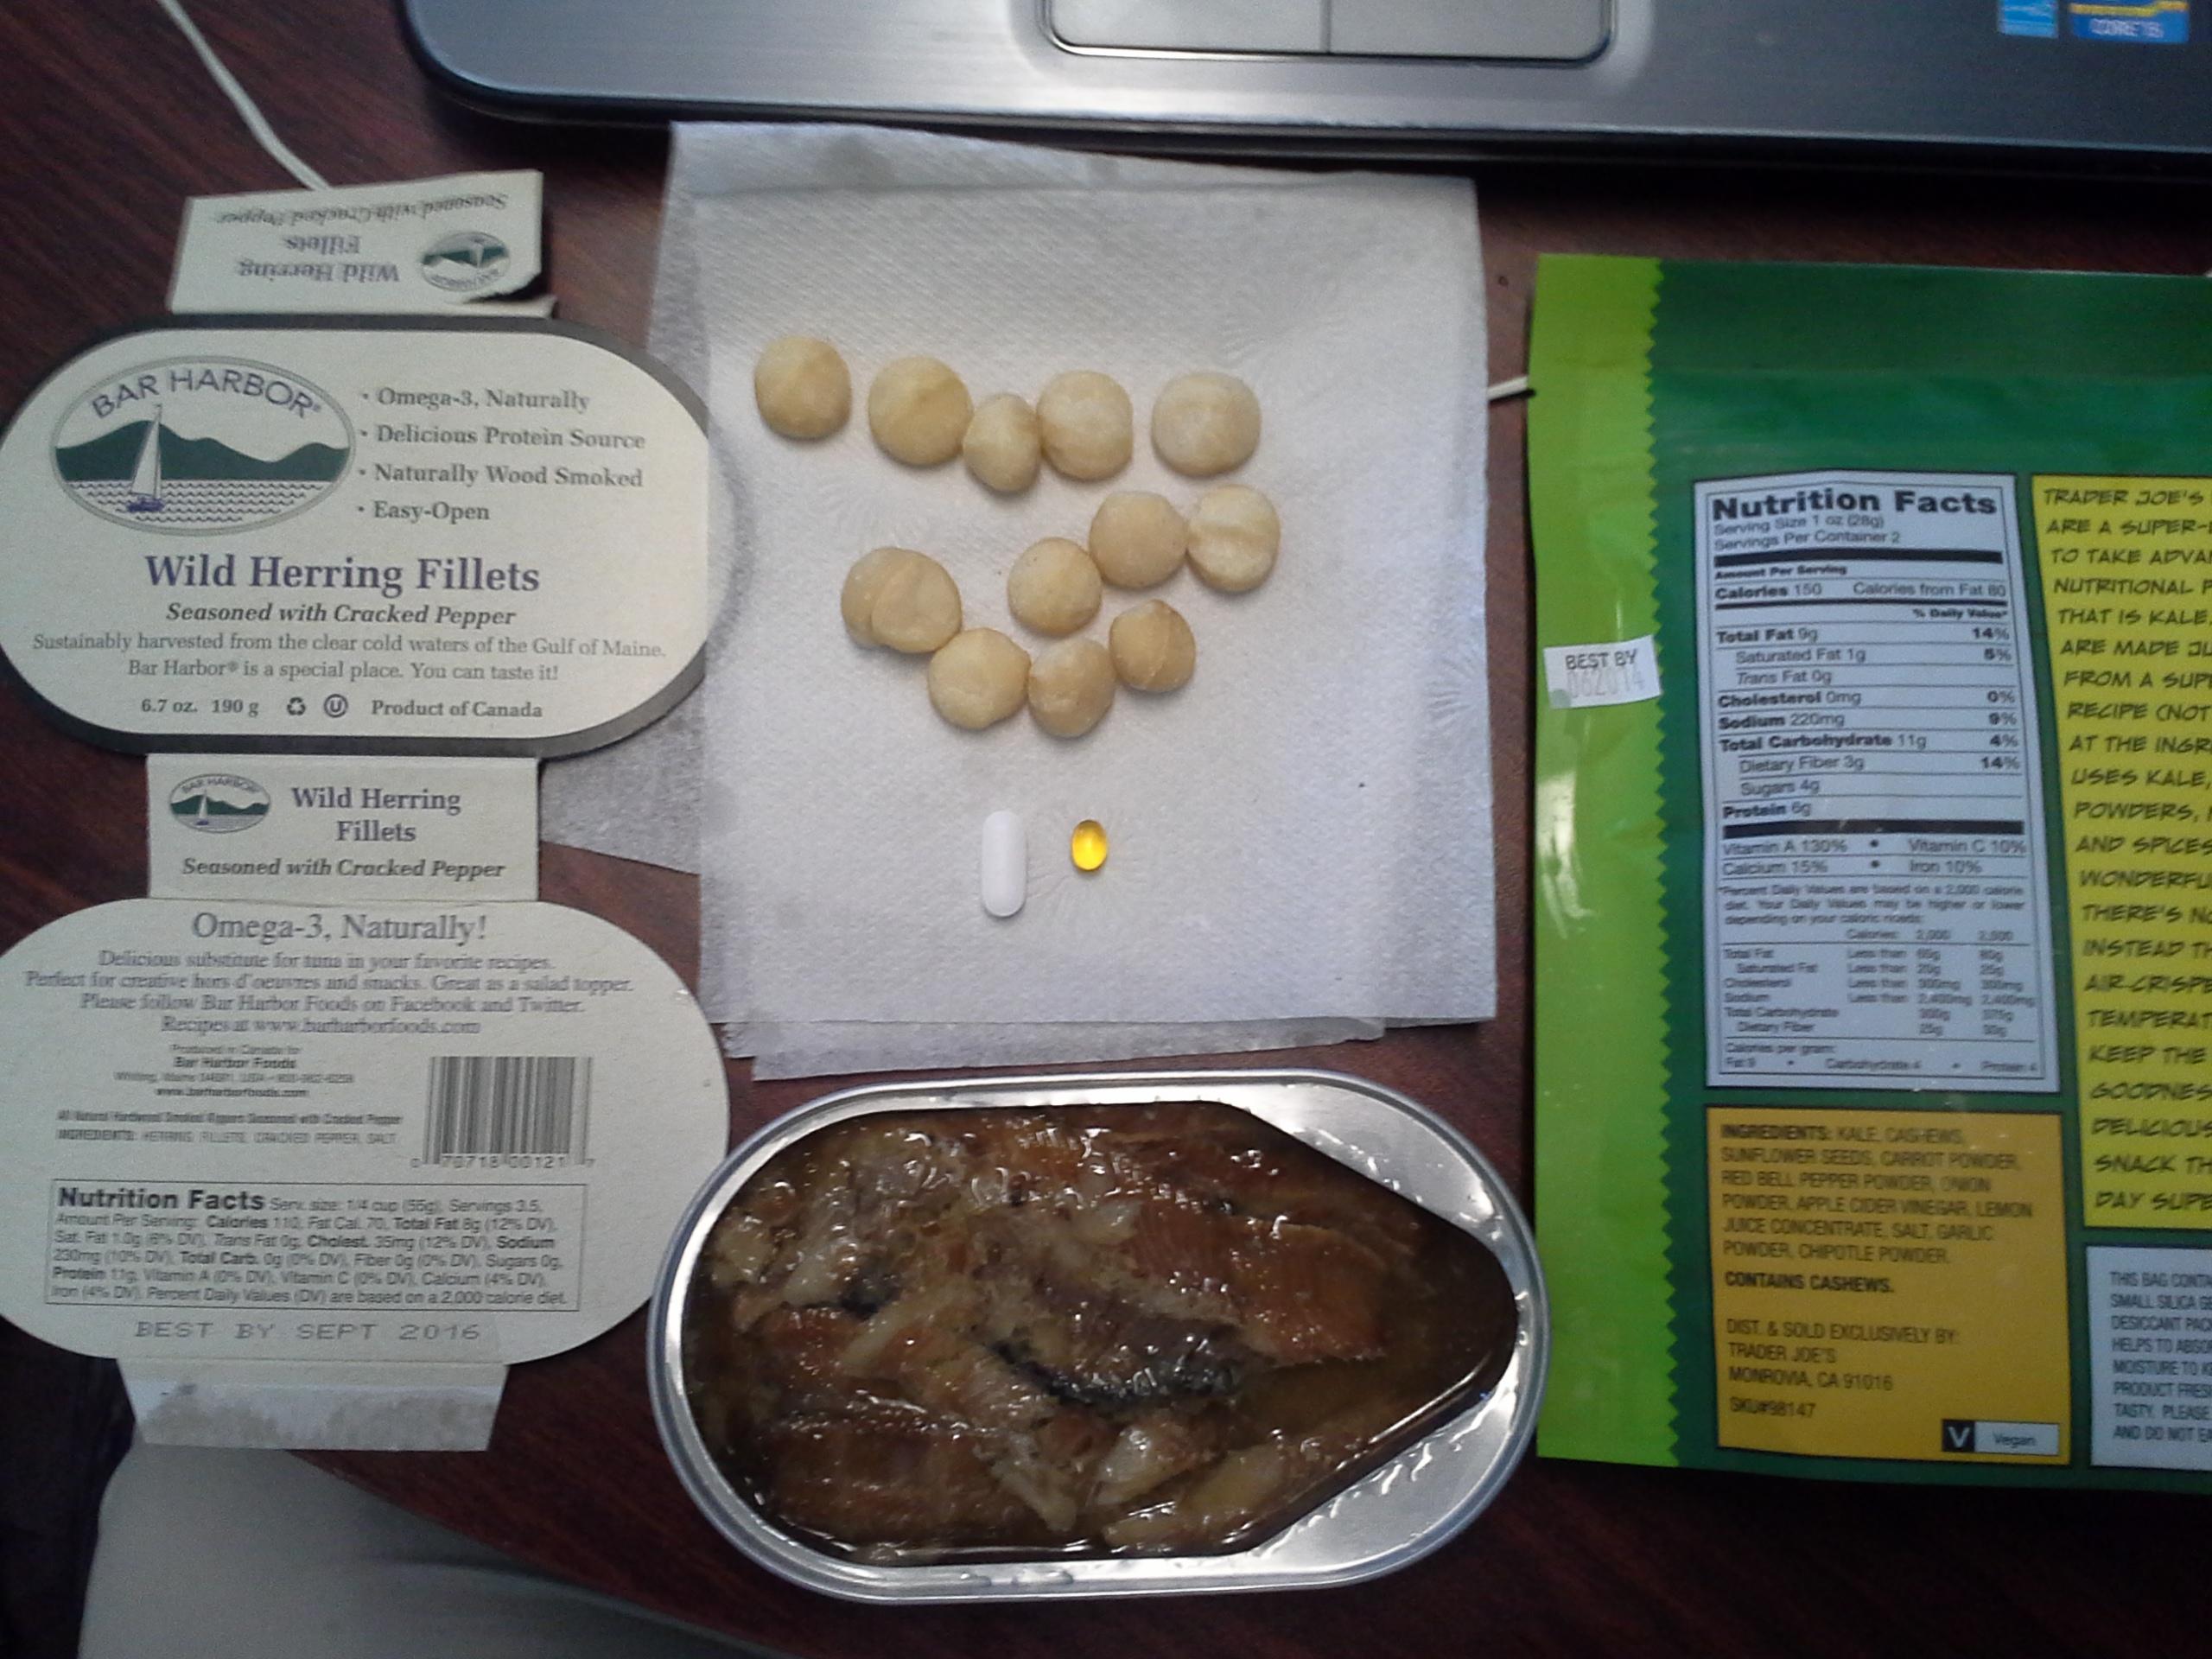 Lunch: 2:40 p.m. | 6.7 oz. herring, 2 oz. kale chips, 12 macadamia nuts, 5,000 IU Vitamin D capsule, Calcium/Magnesium/Zinc caplet